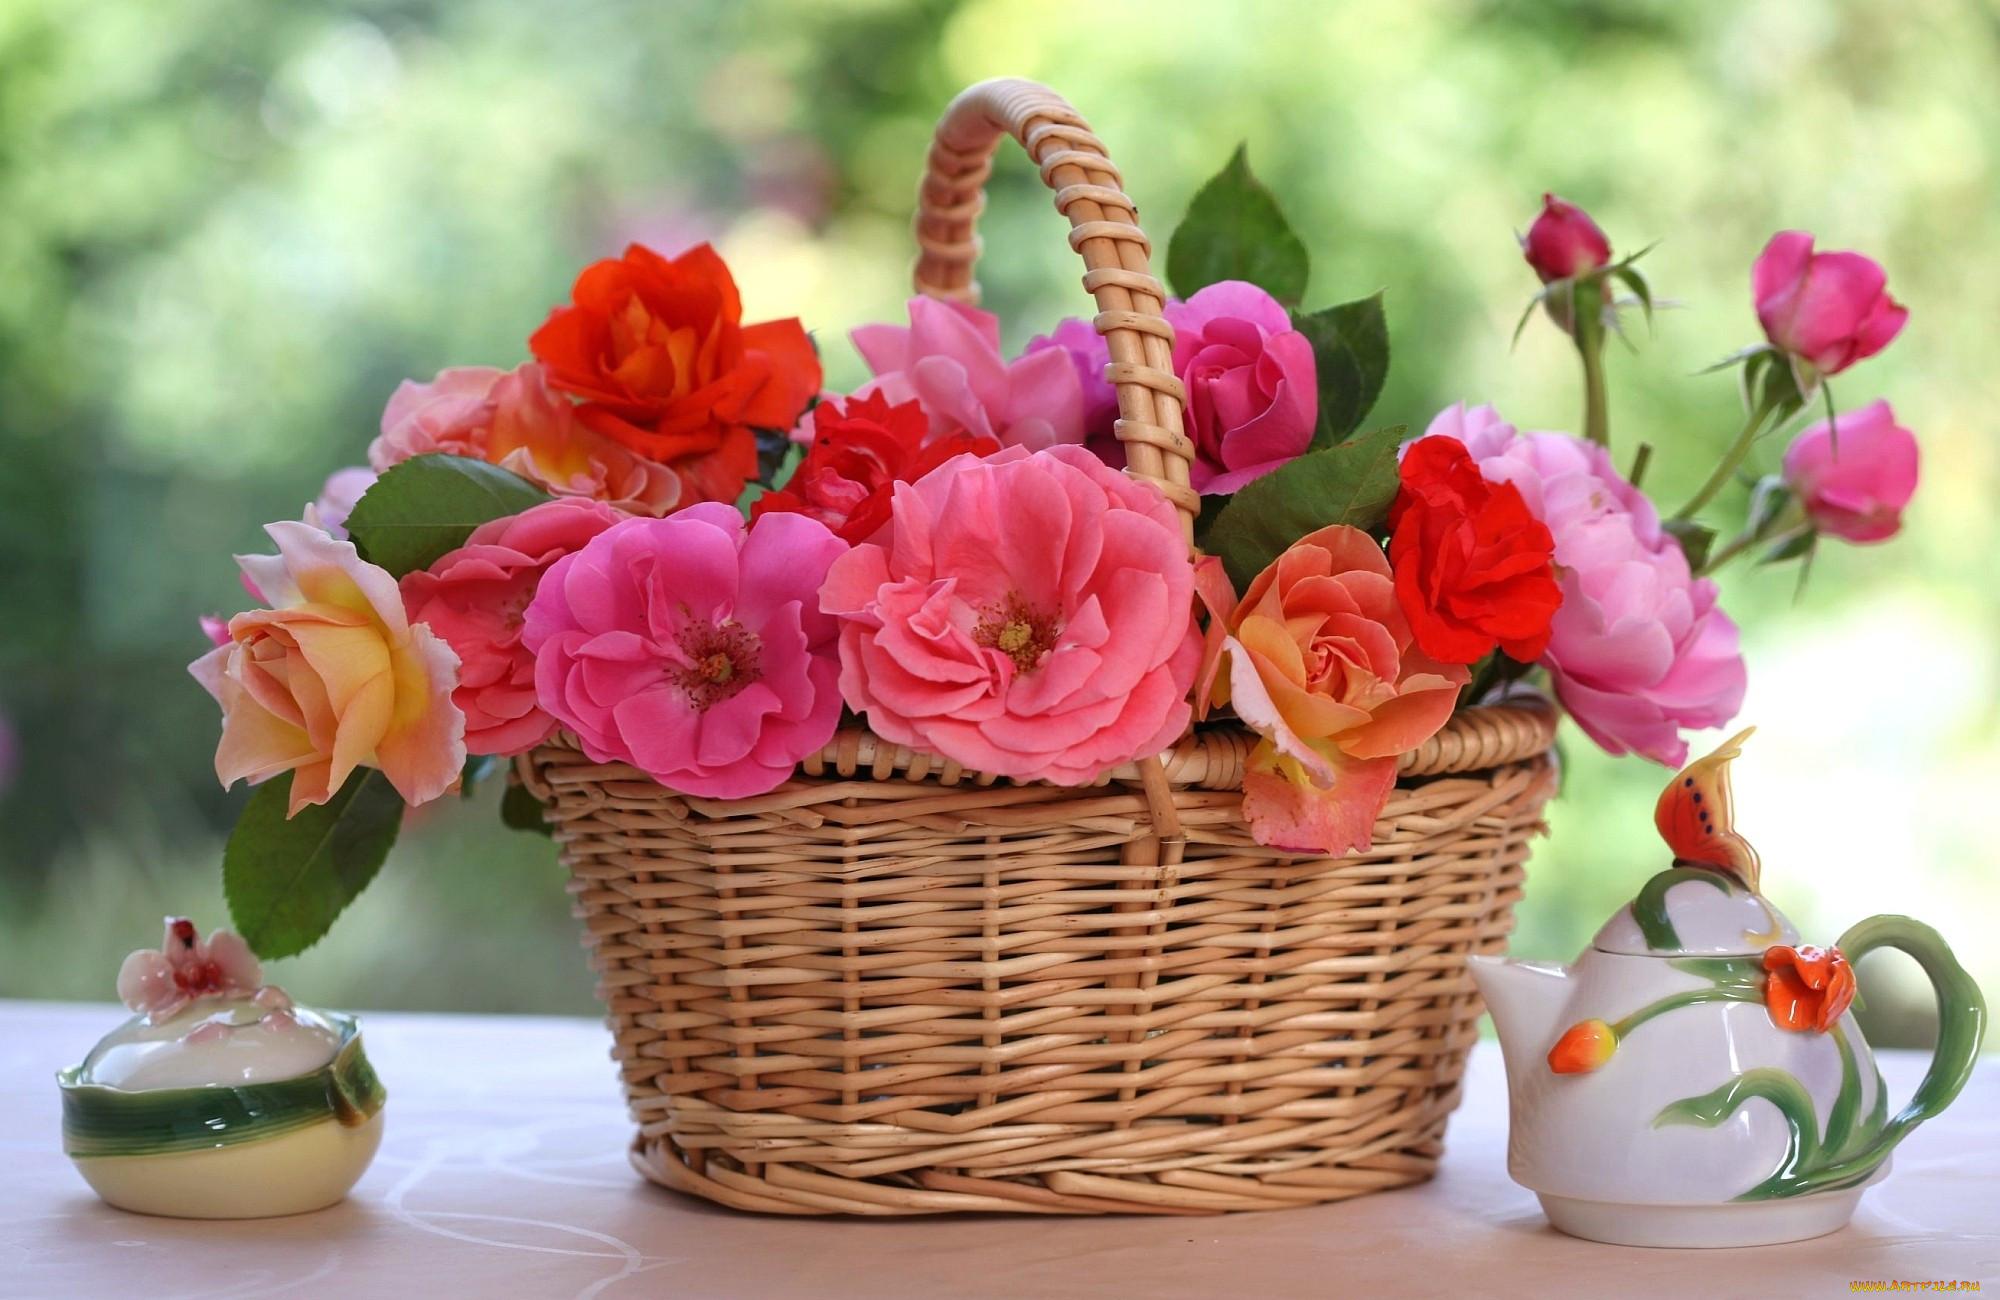 гифы цветы фото макро в корзинках христианские, выполнены камней